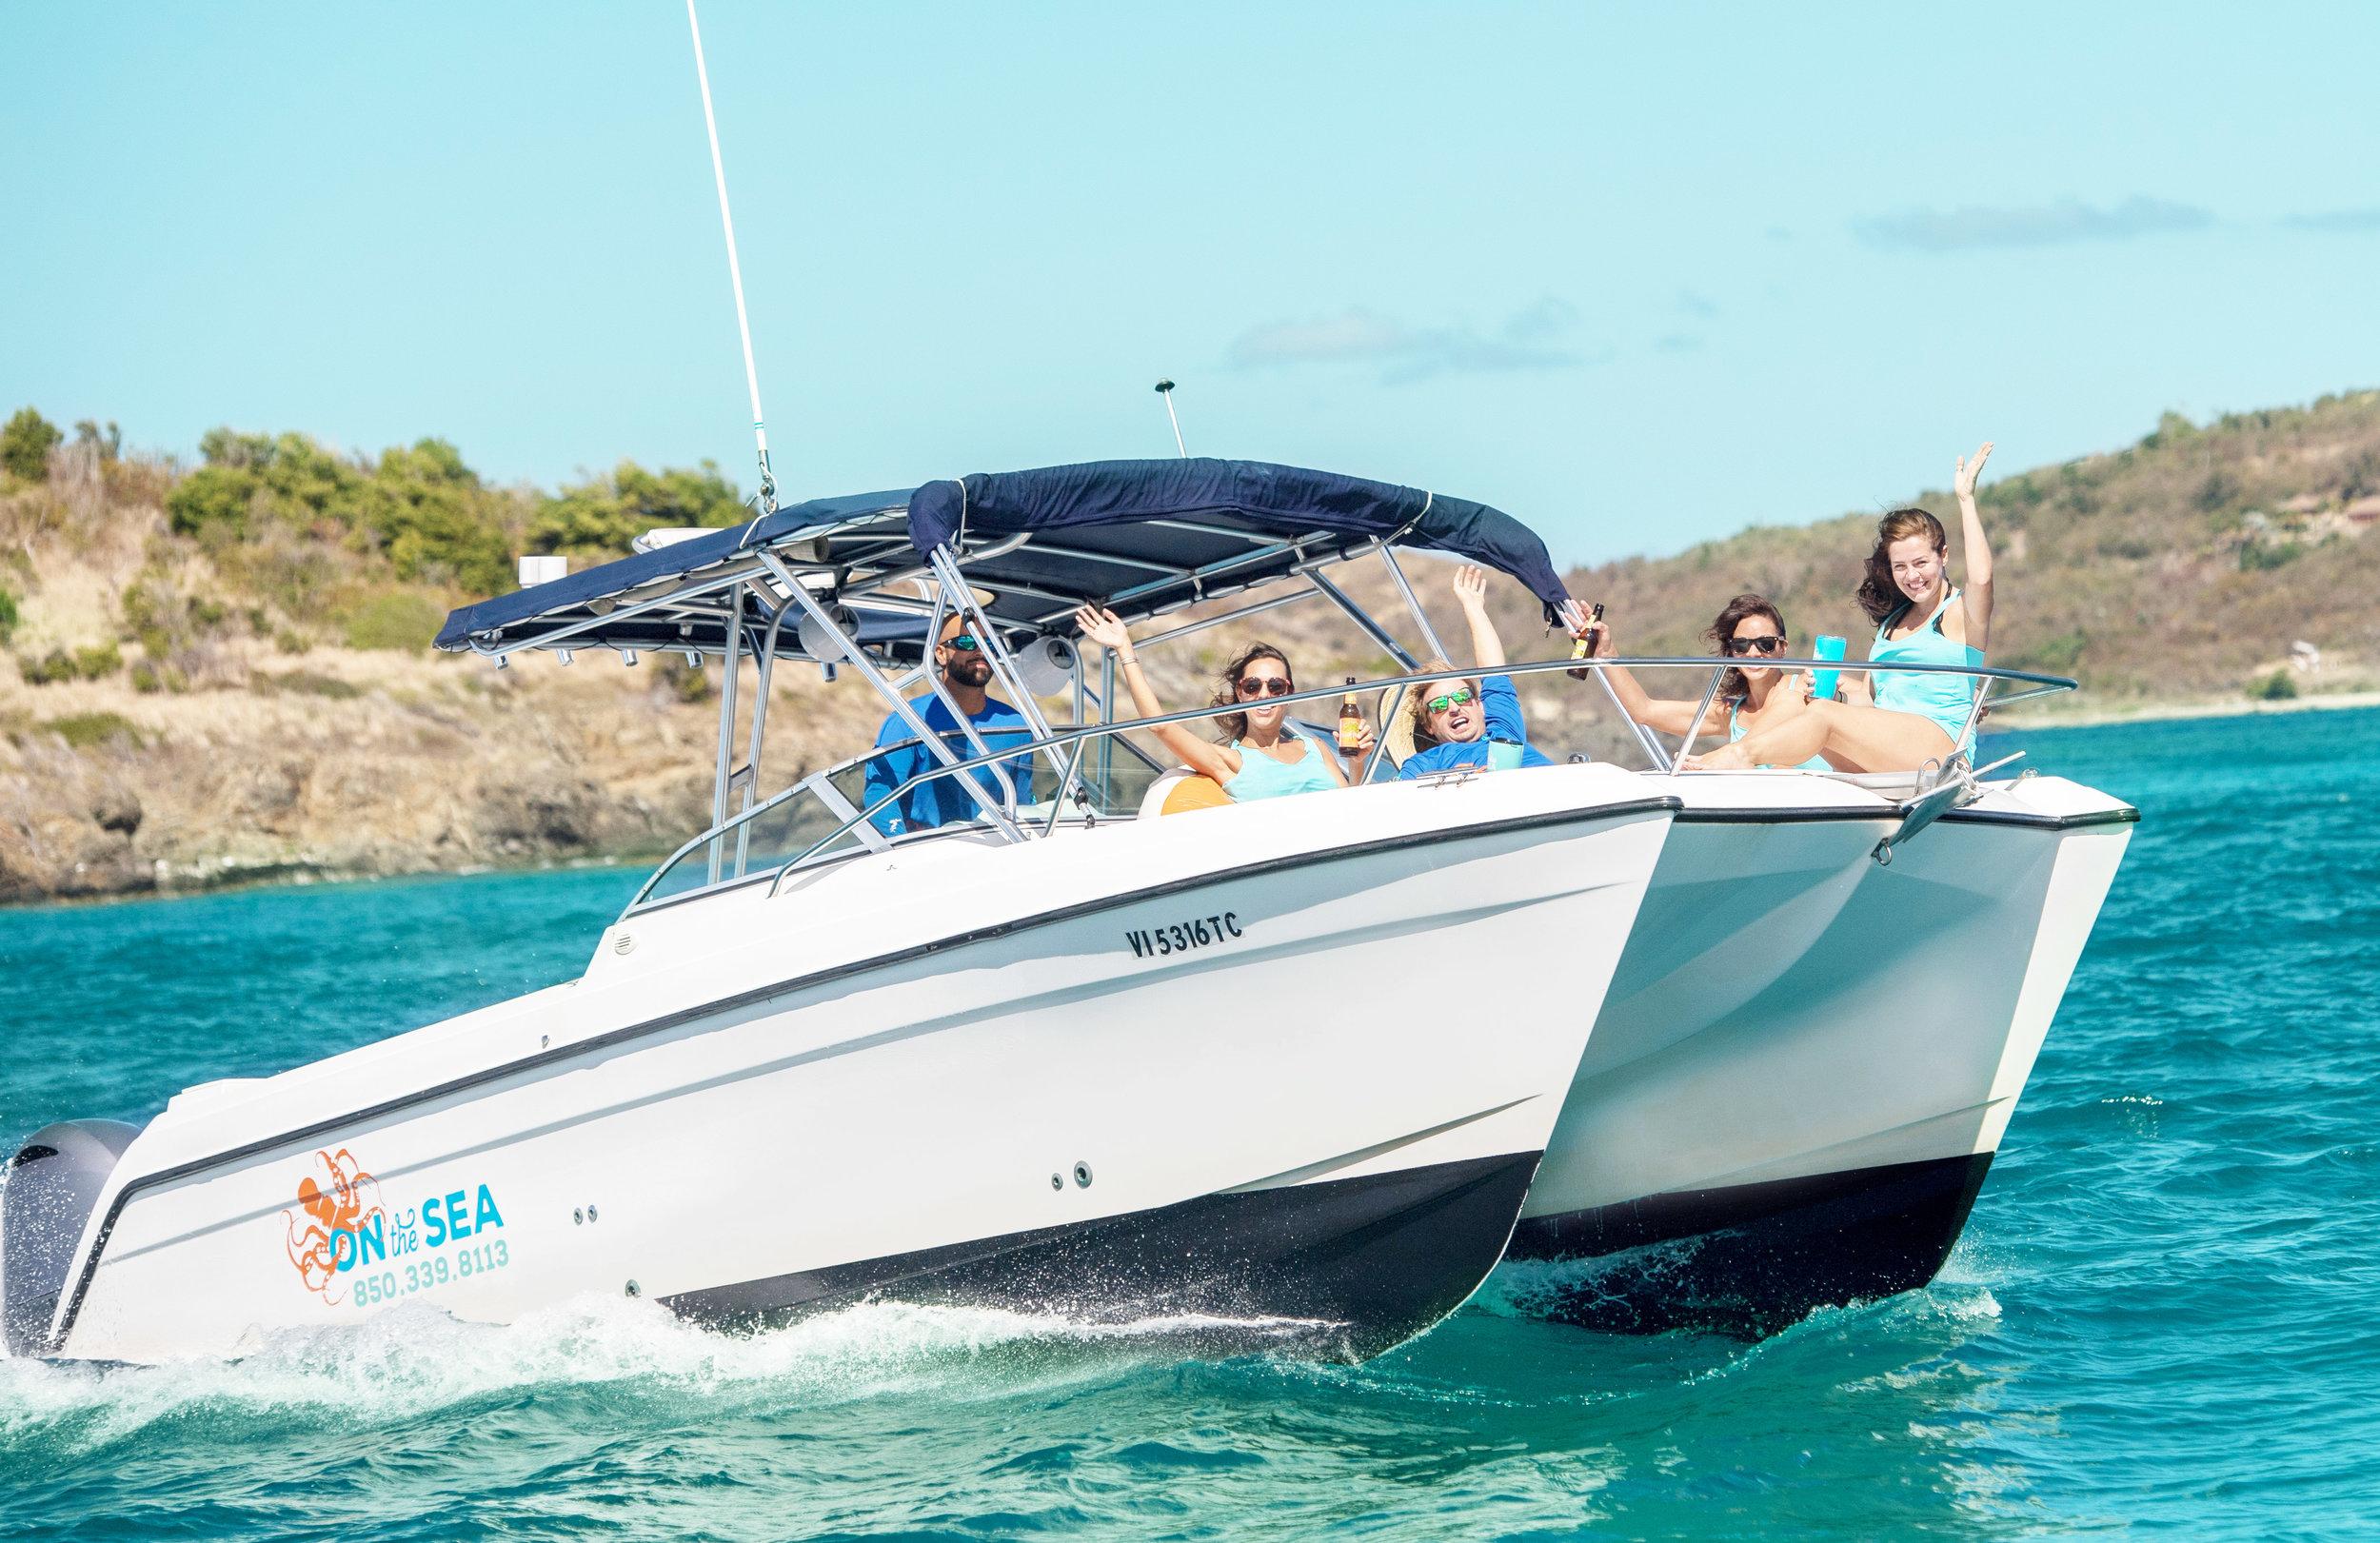 on-the-sea-charters-9-lives-v2.jpg